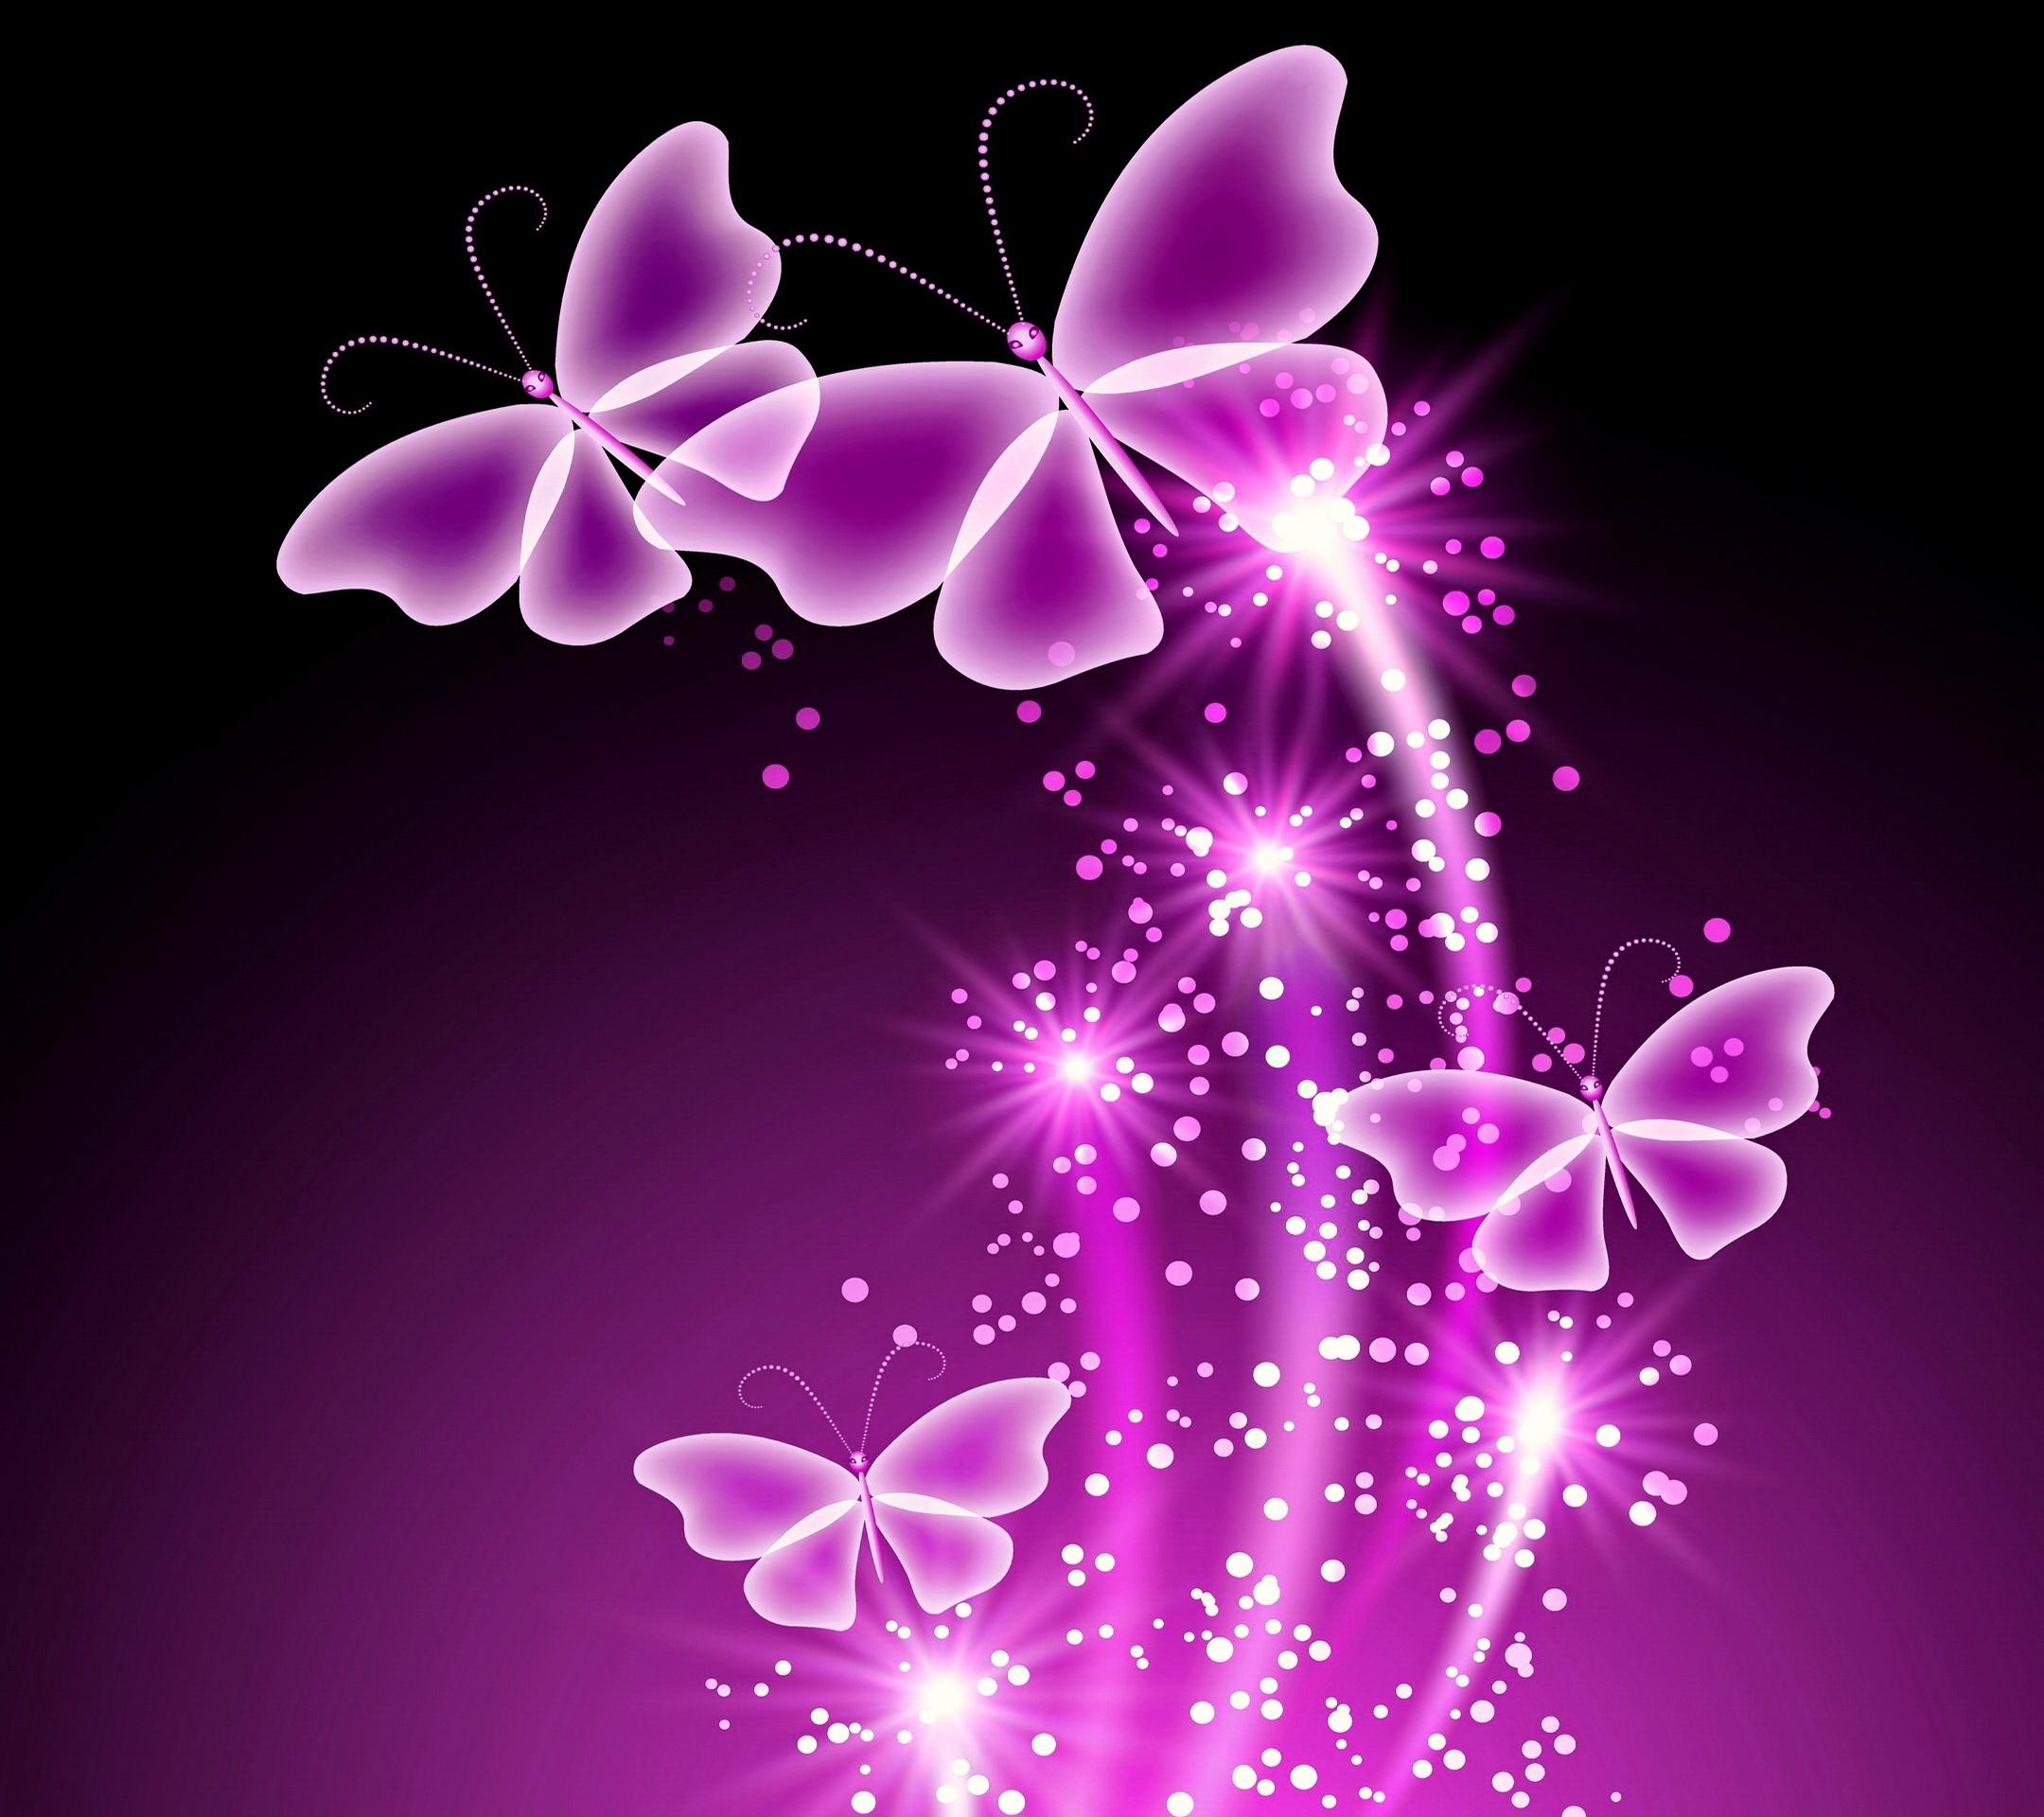 neon butterflies desktop background wallpaper free | butterfly